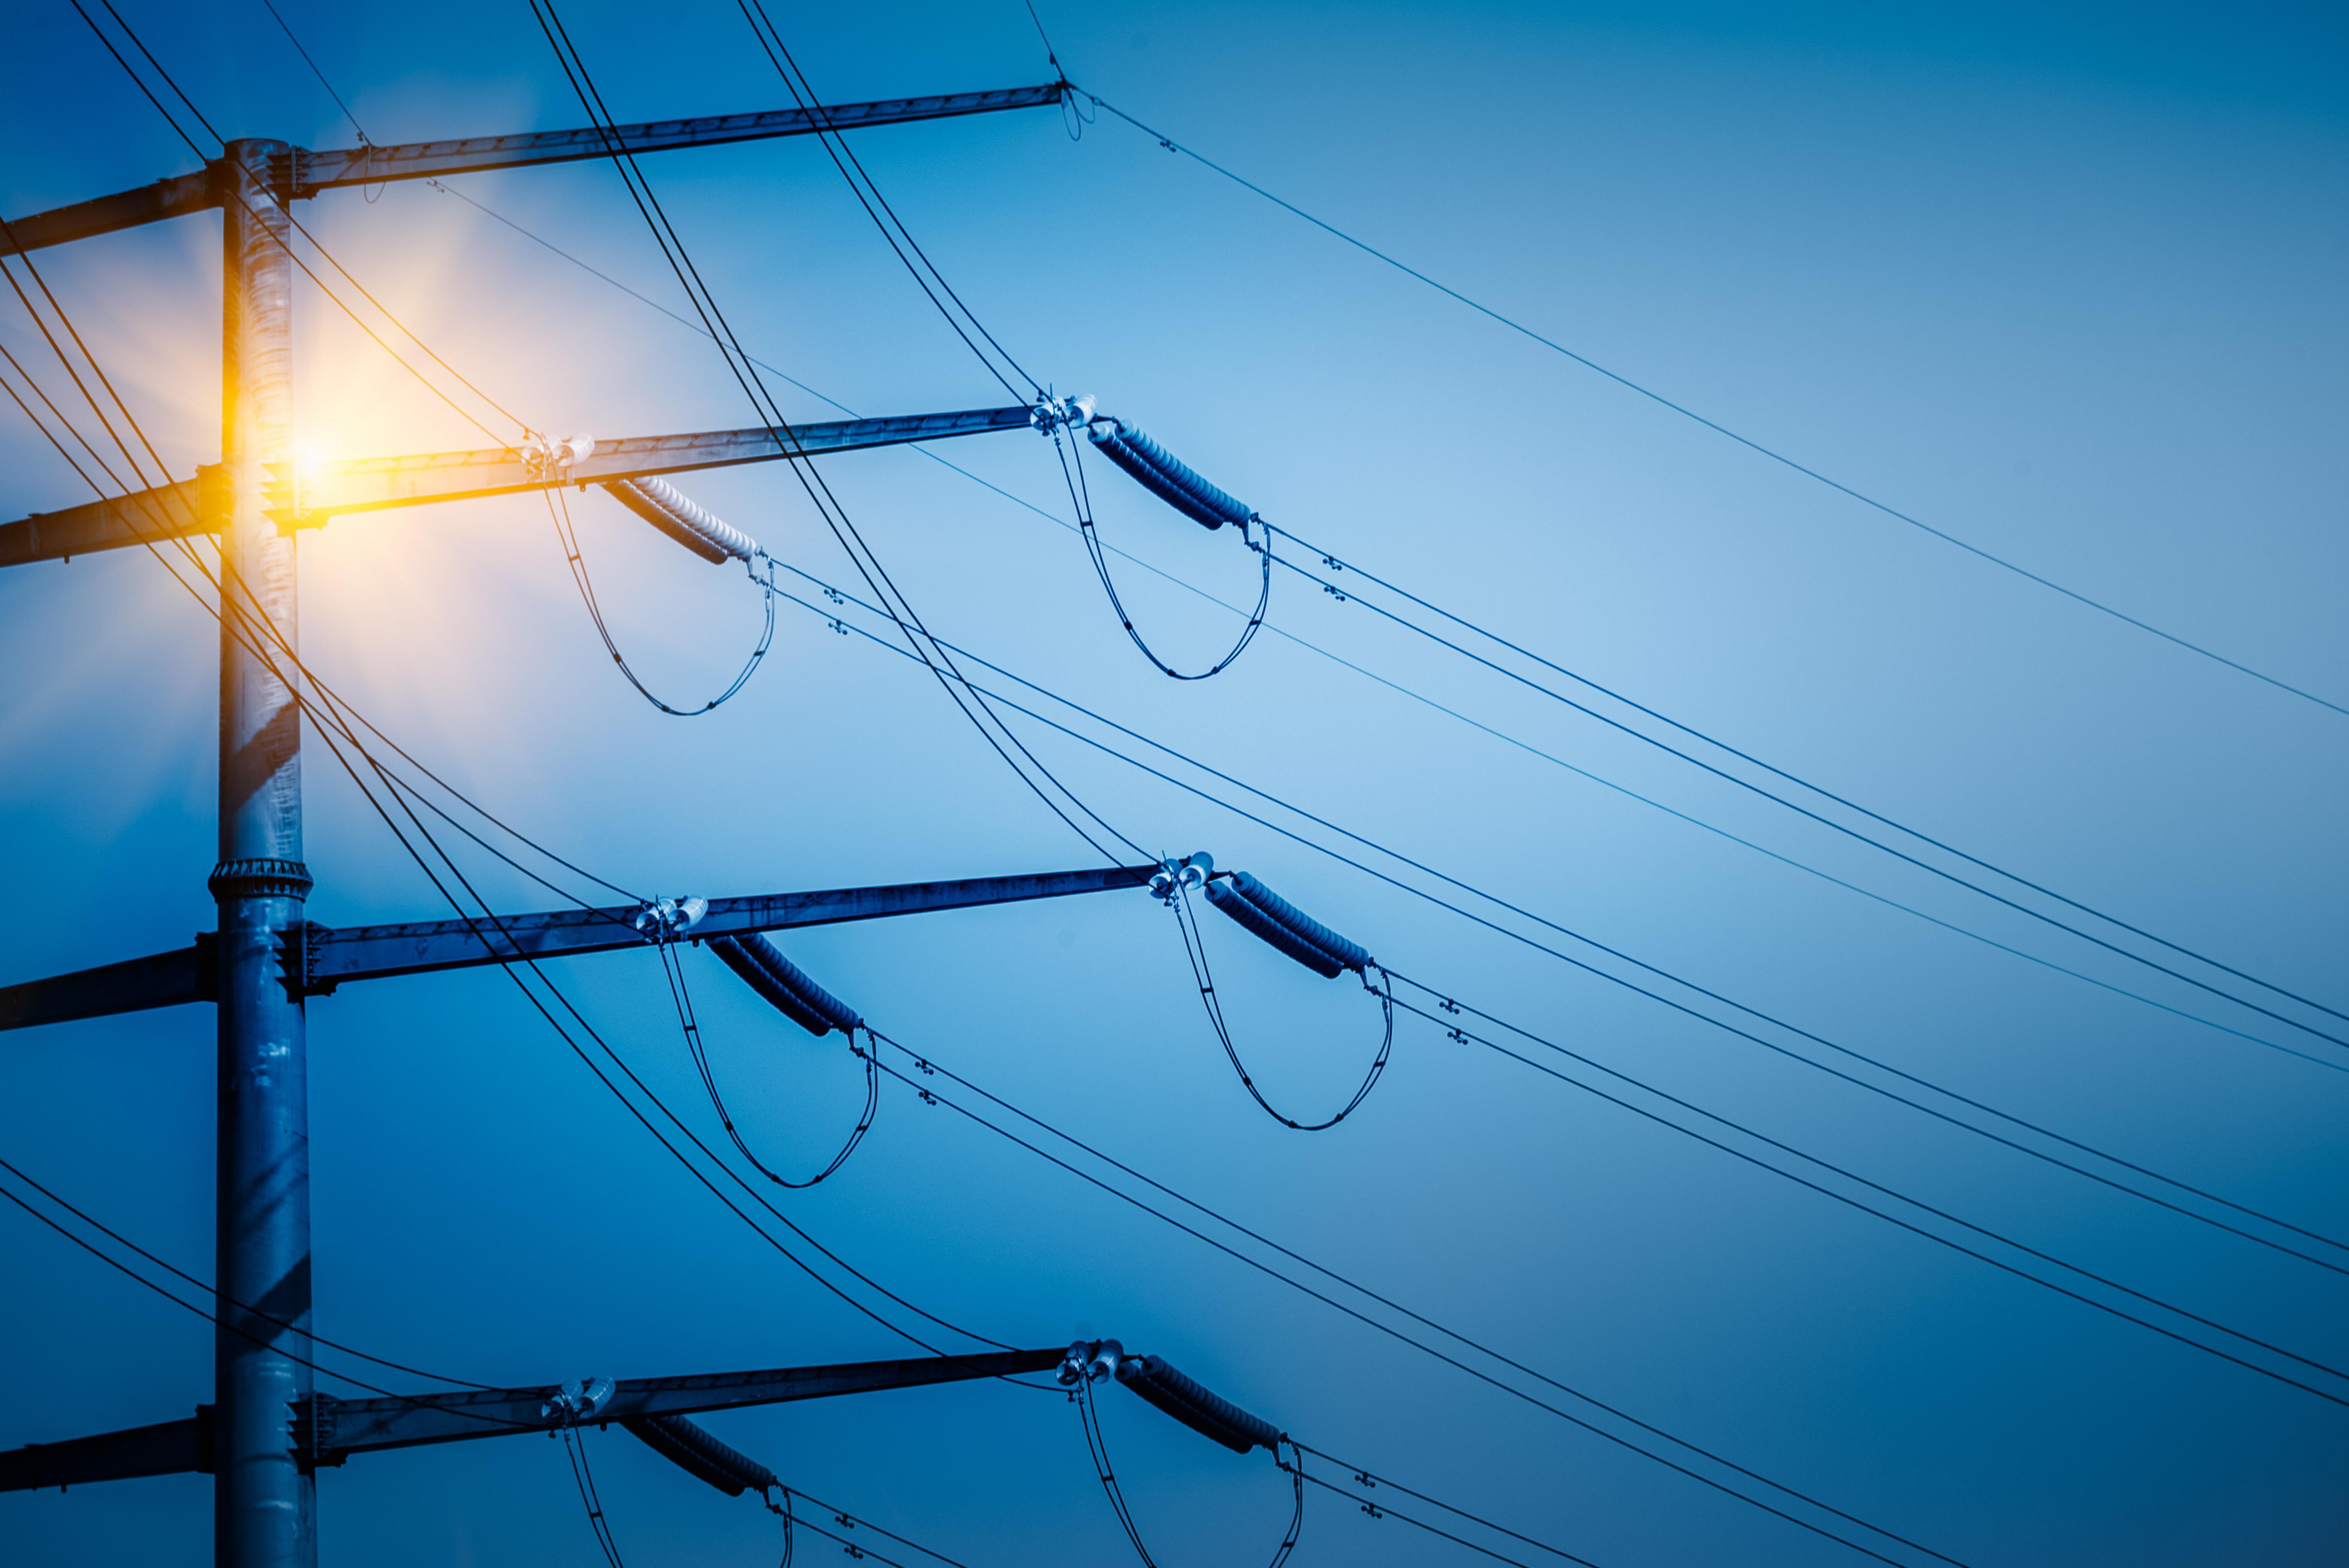 Kompensacja energii biernej to jeden ze sposobów ograniczania wydatków na energię elektryczną w firmie.